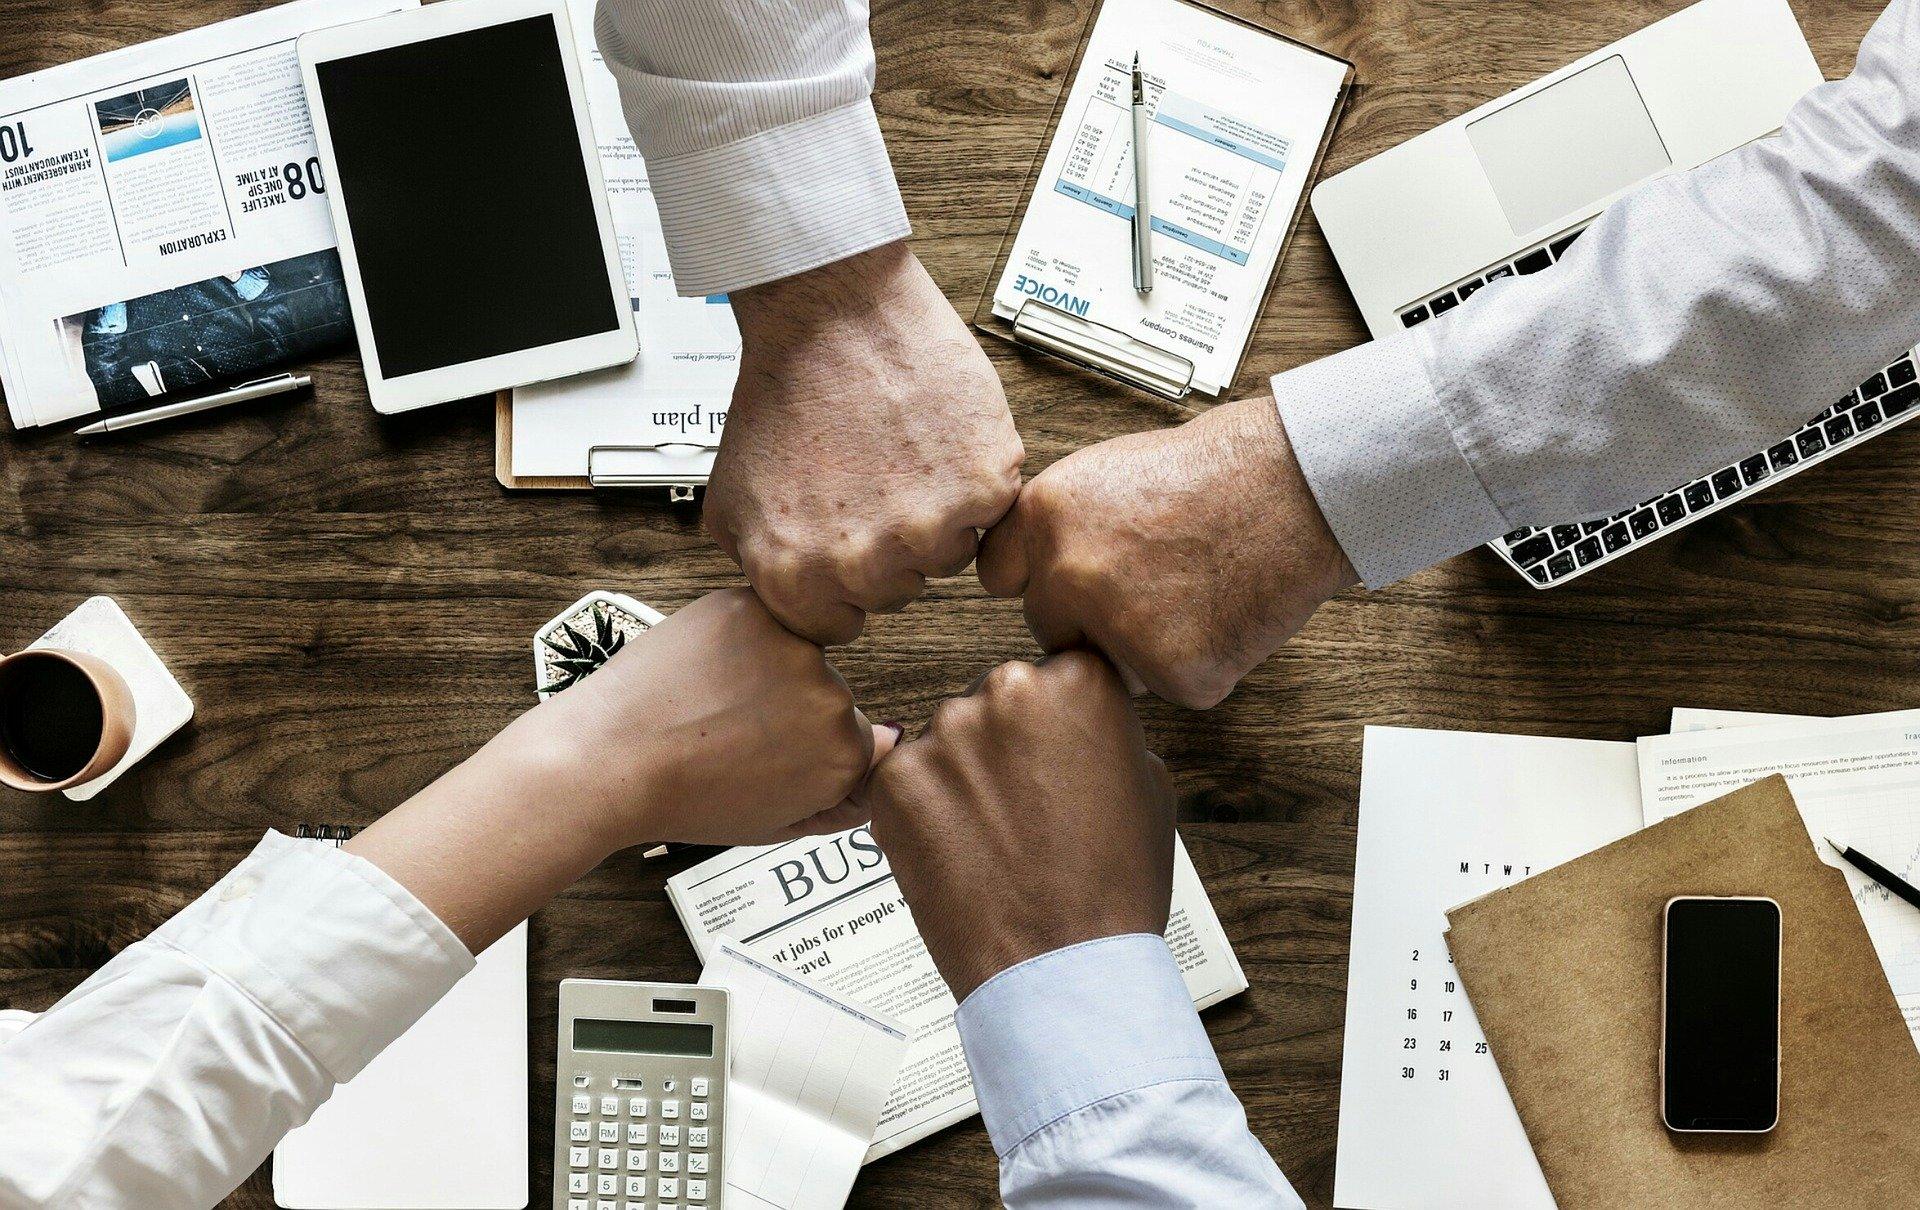 総合商社の内定者スペックを徹底分析!5つの特徴と内定獲得の方法